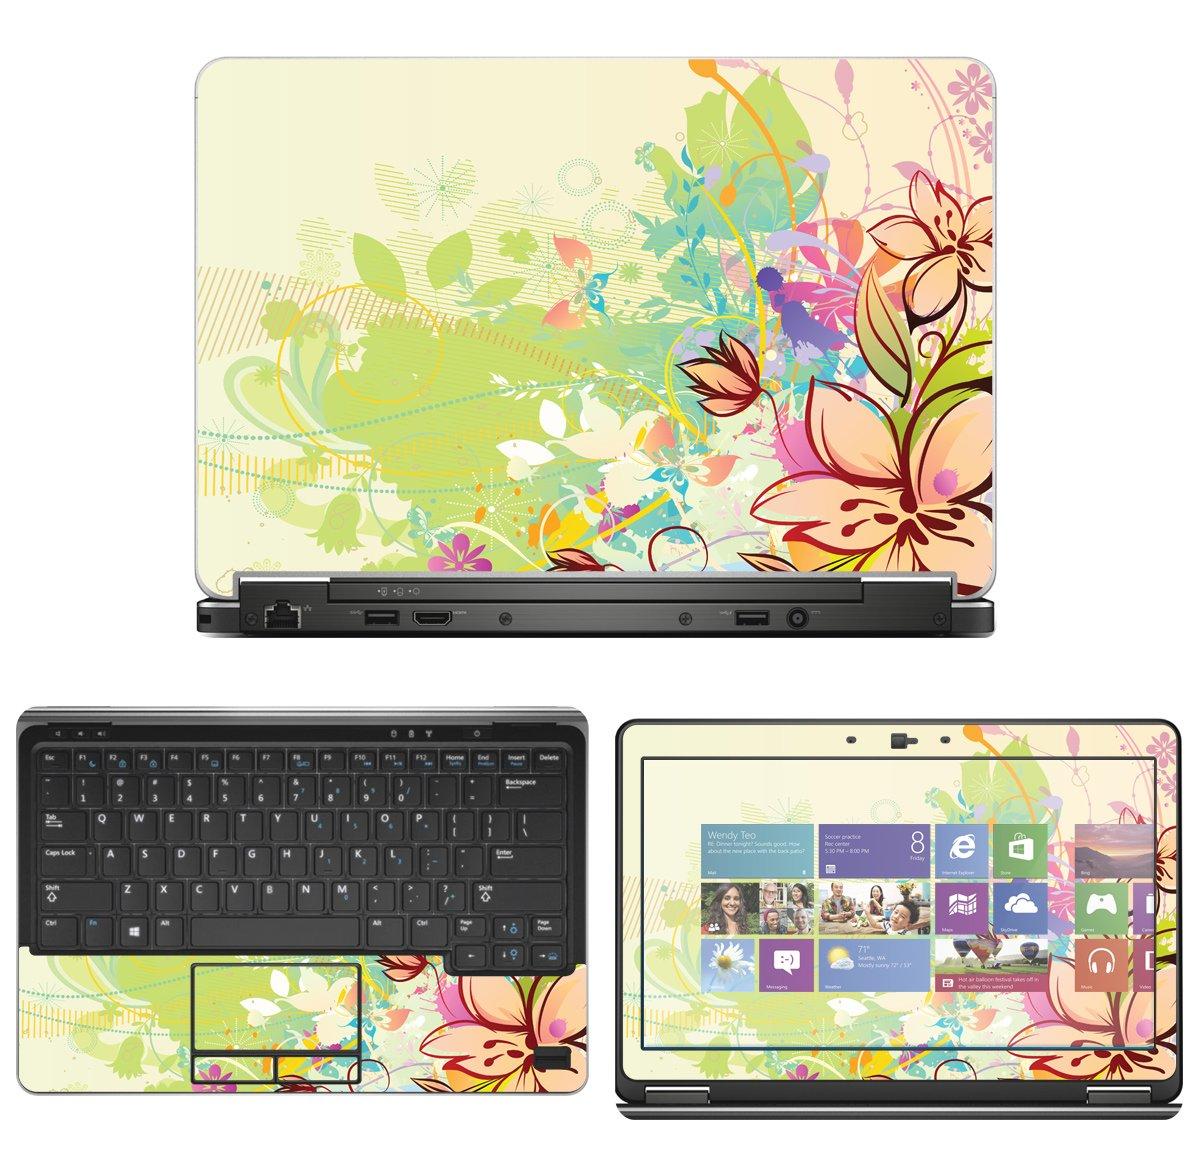 46053700dfe3 Amazon.com: Decalrus - Decal Skin Sticker for Dell Latitude E7240 ...